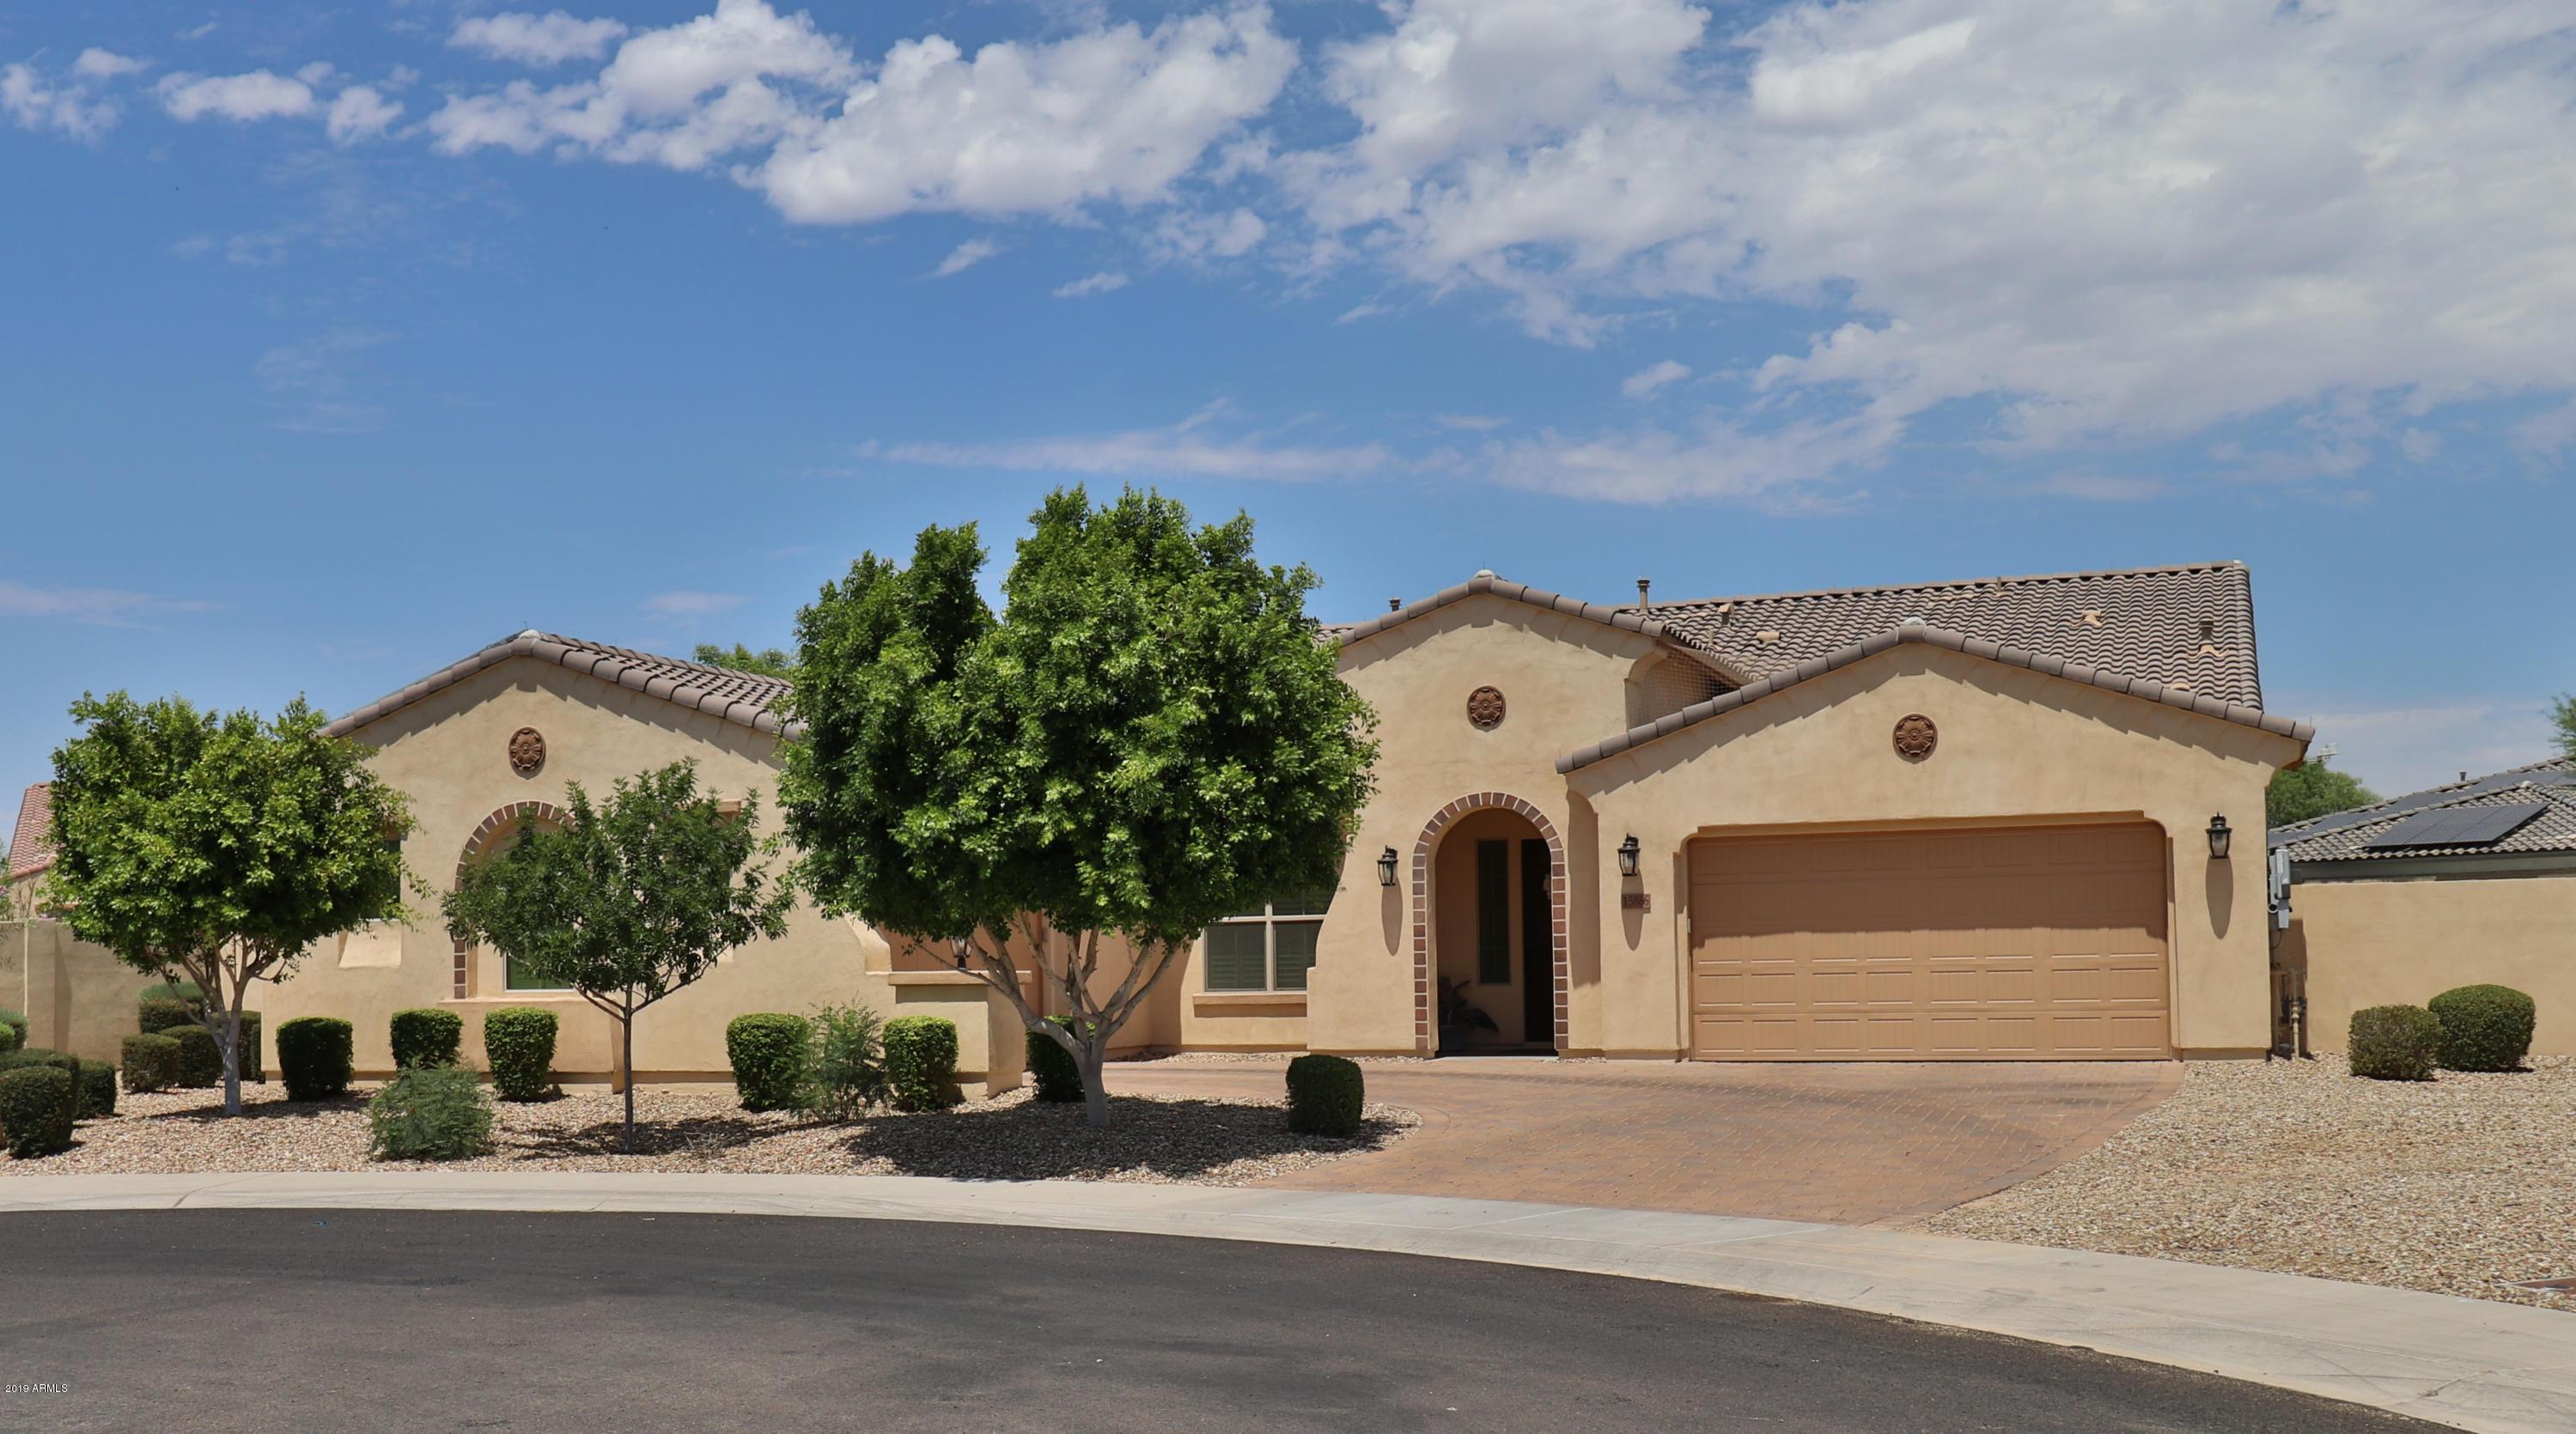 15866 W Bonitos Drive, Goodyear AZ 85395